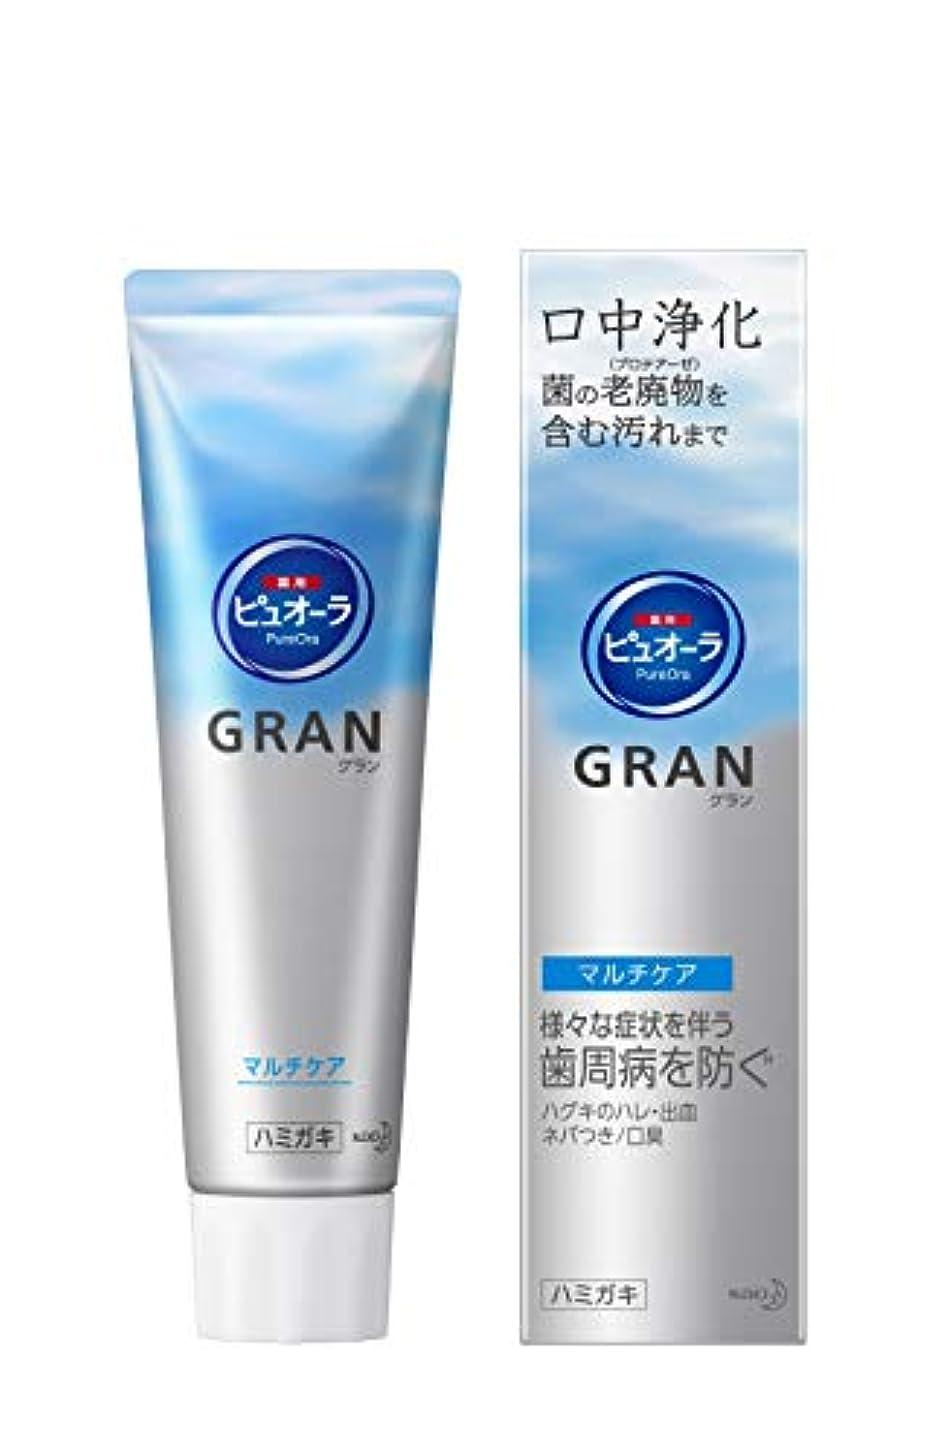 ピュオーラ GRAN マルチケア 100g 歯周病予防 [医薬部外品]